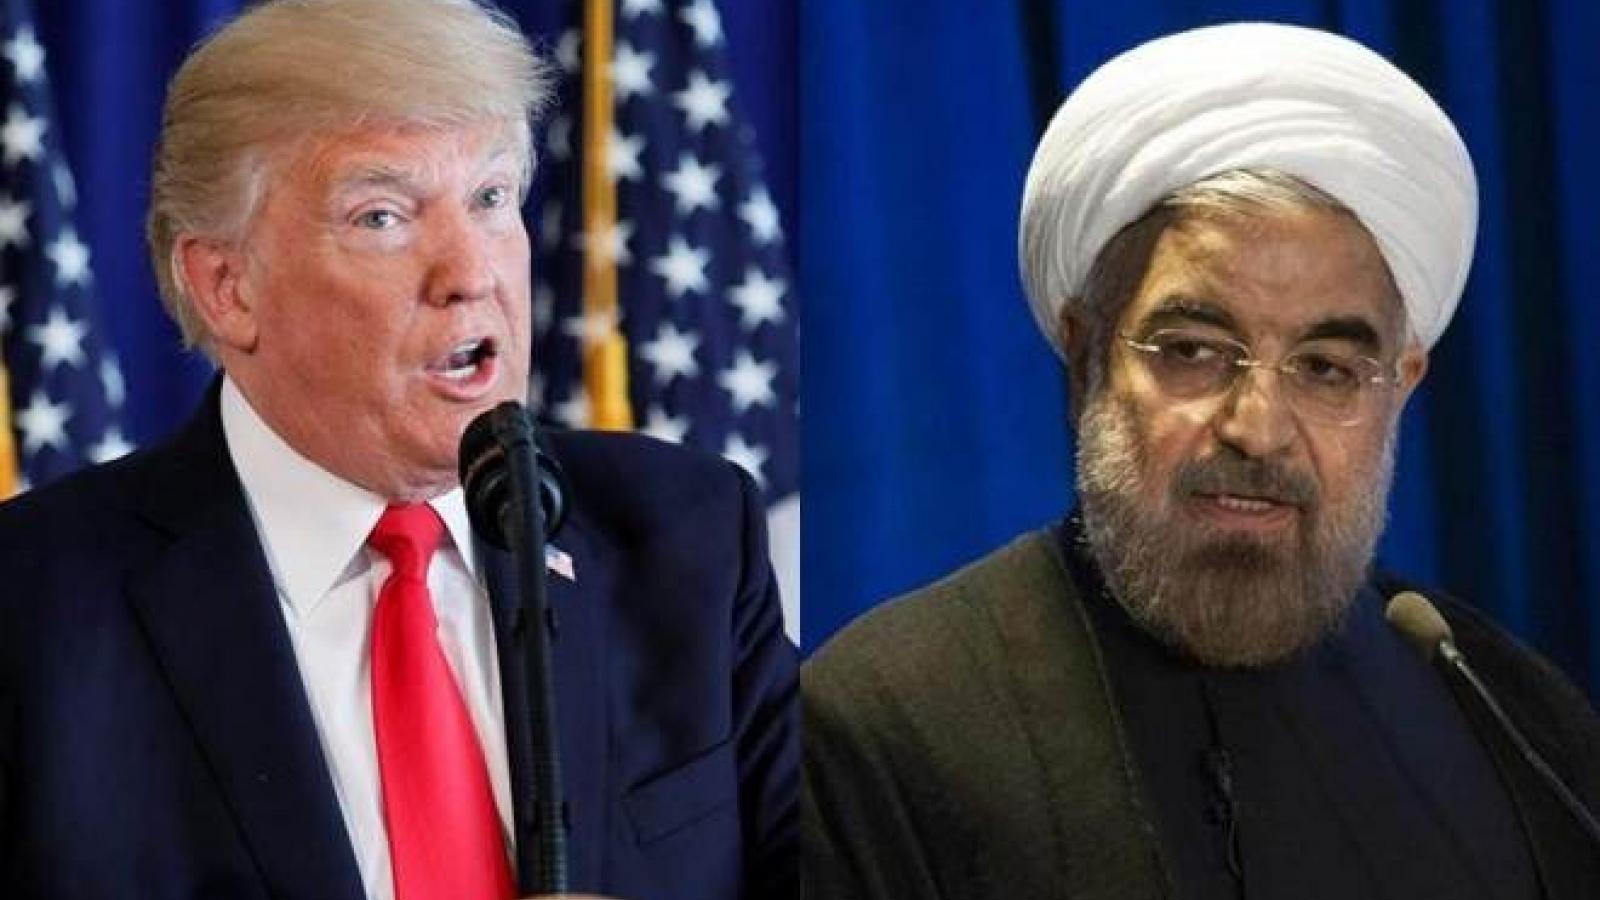 """Mỹ liệu có đang """"thách thức"""" thế giới khi quyết trừng phạt Iran tới cùng?"""